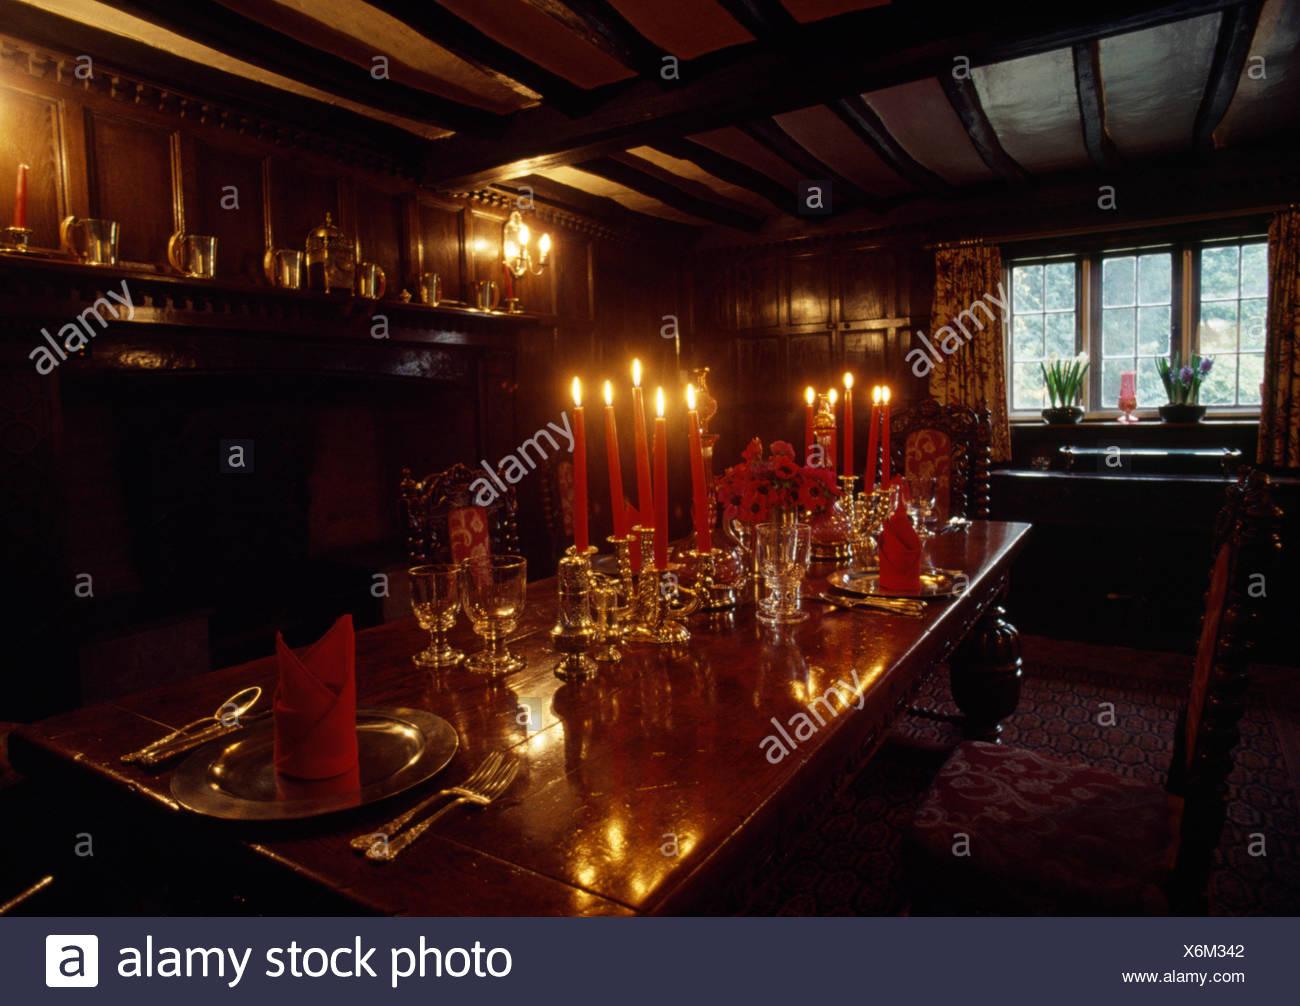 Cristalería y velas sobre la mesa en el comedor de estilo tudor Imagen De Stock